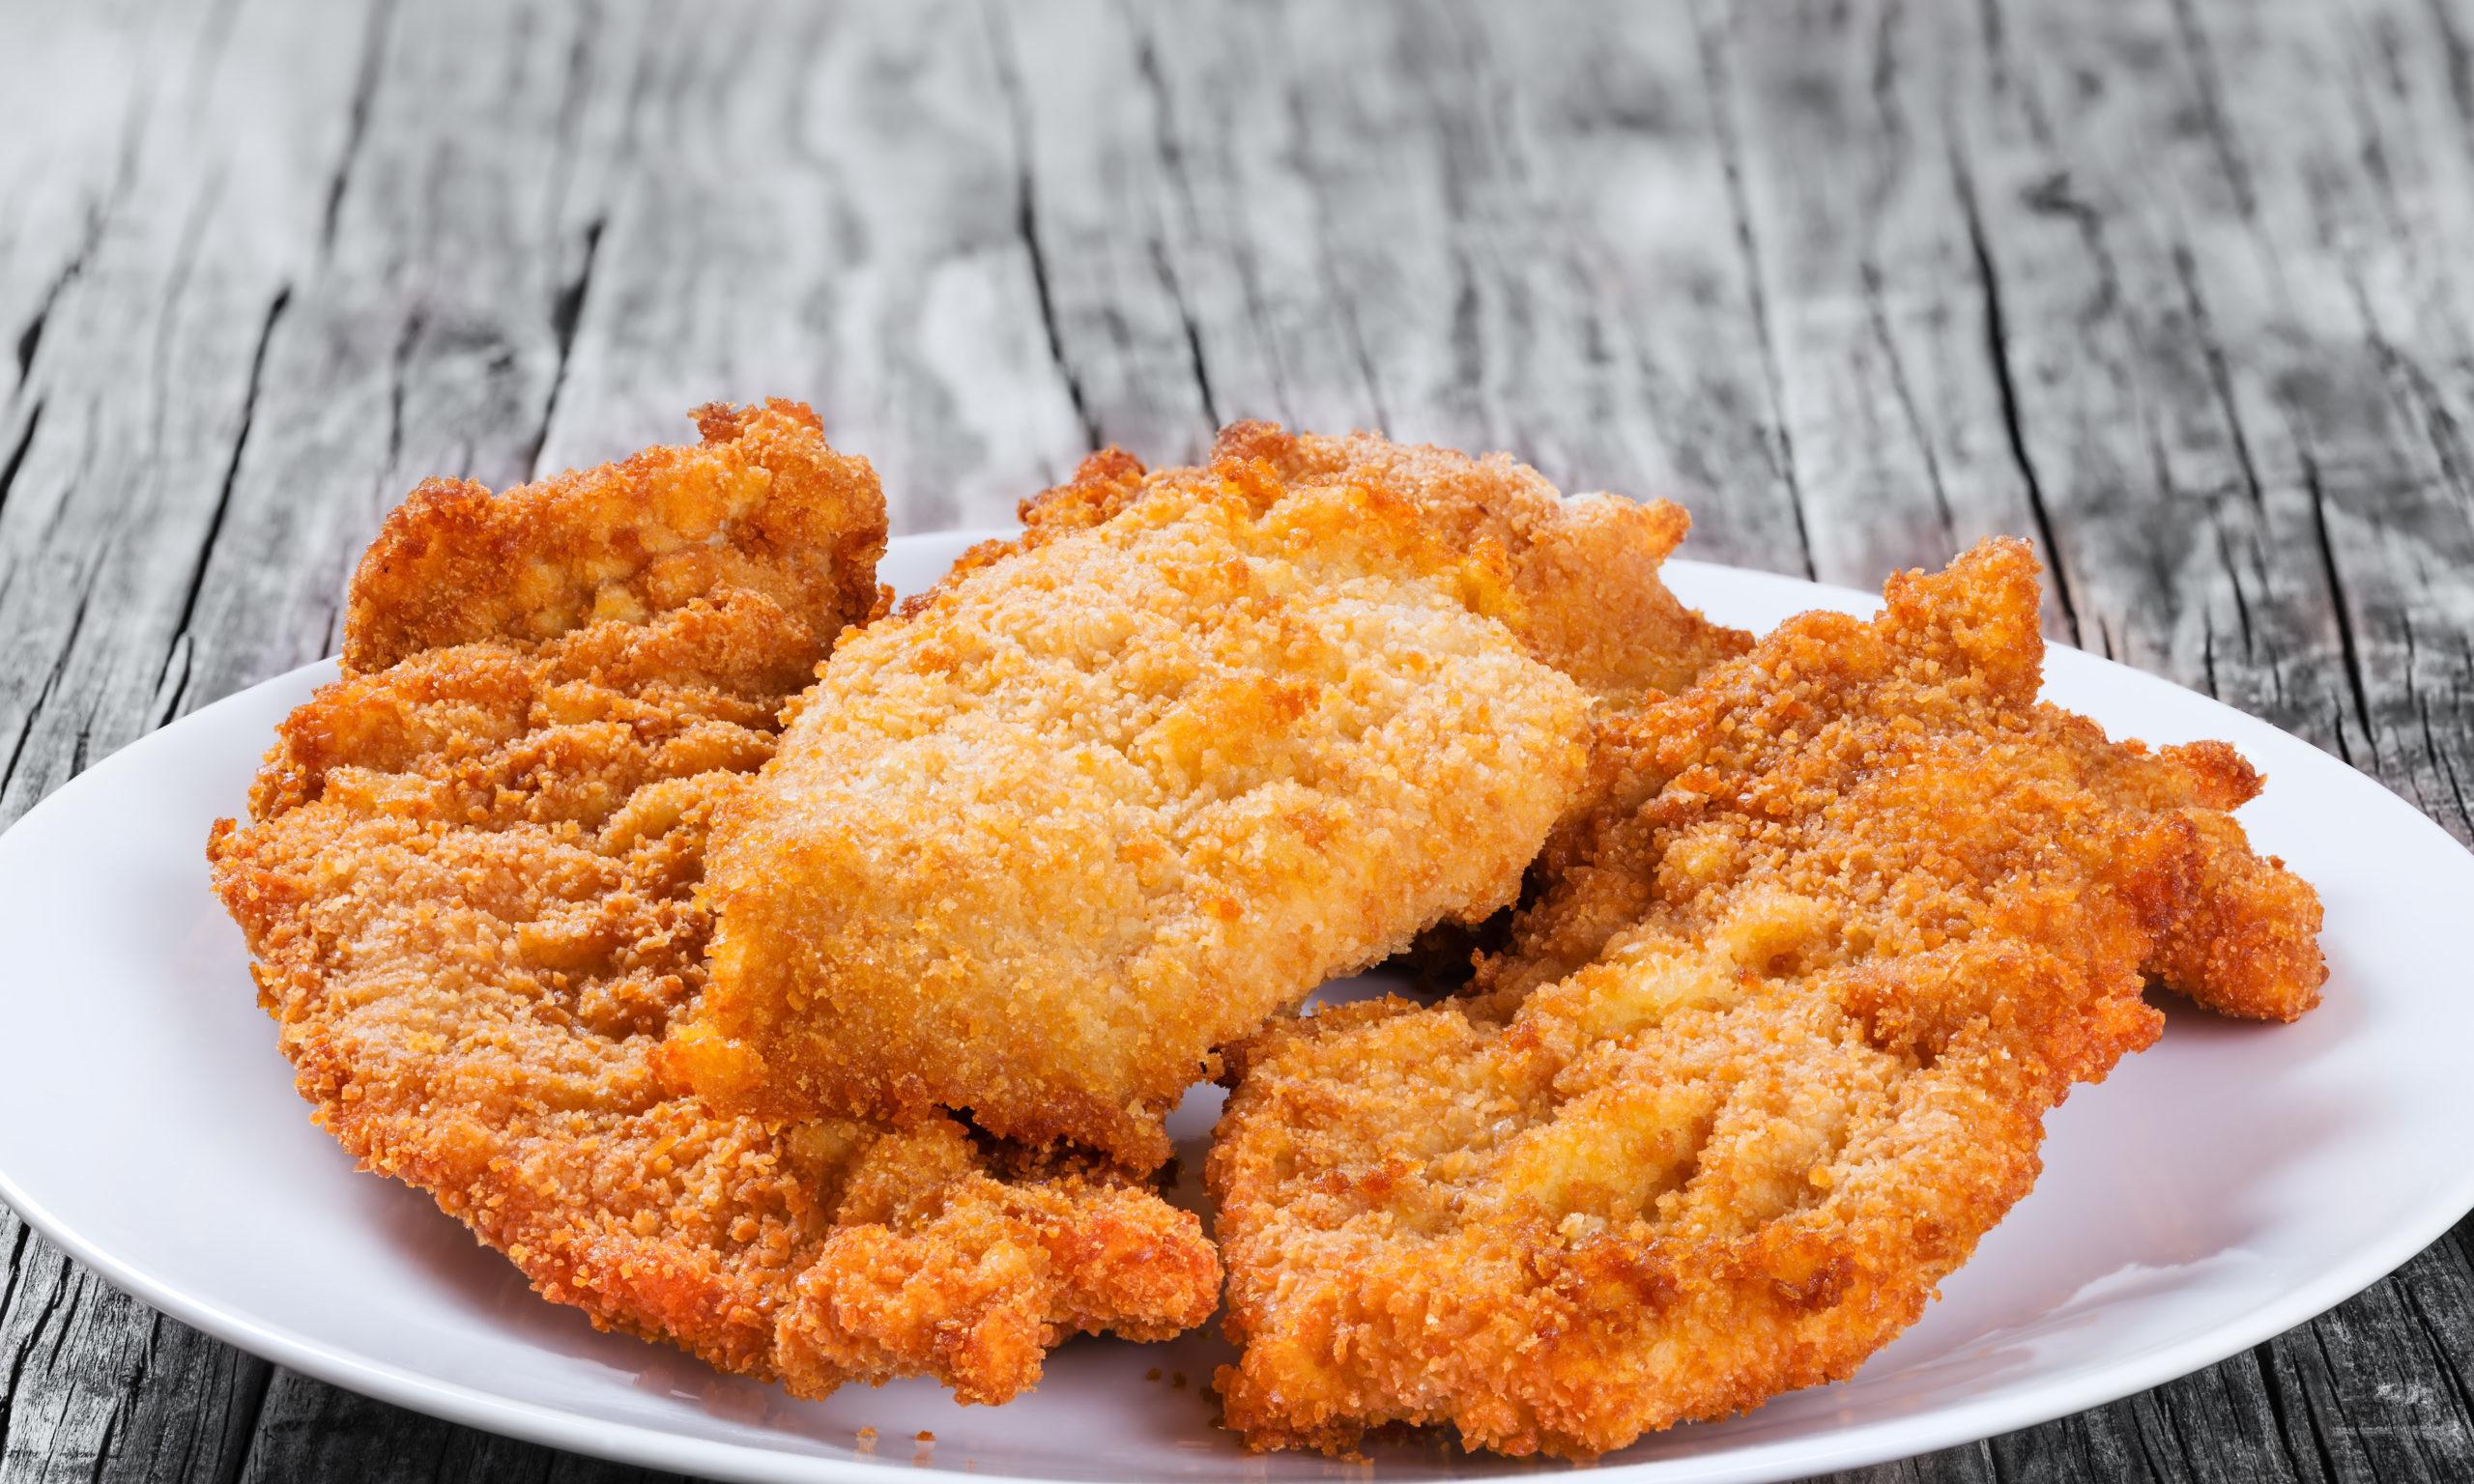 Tasty breaded chicken.